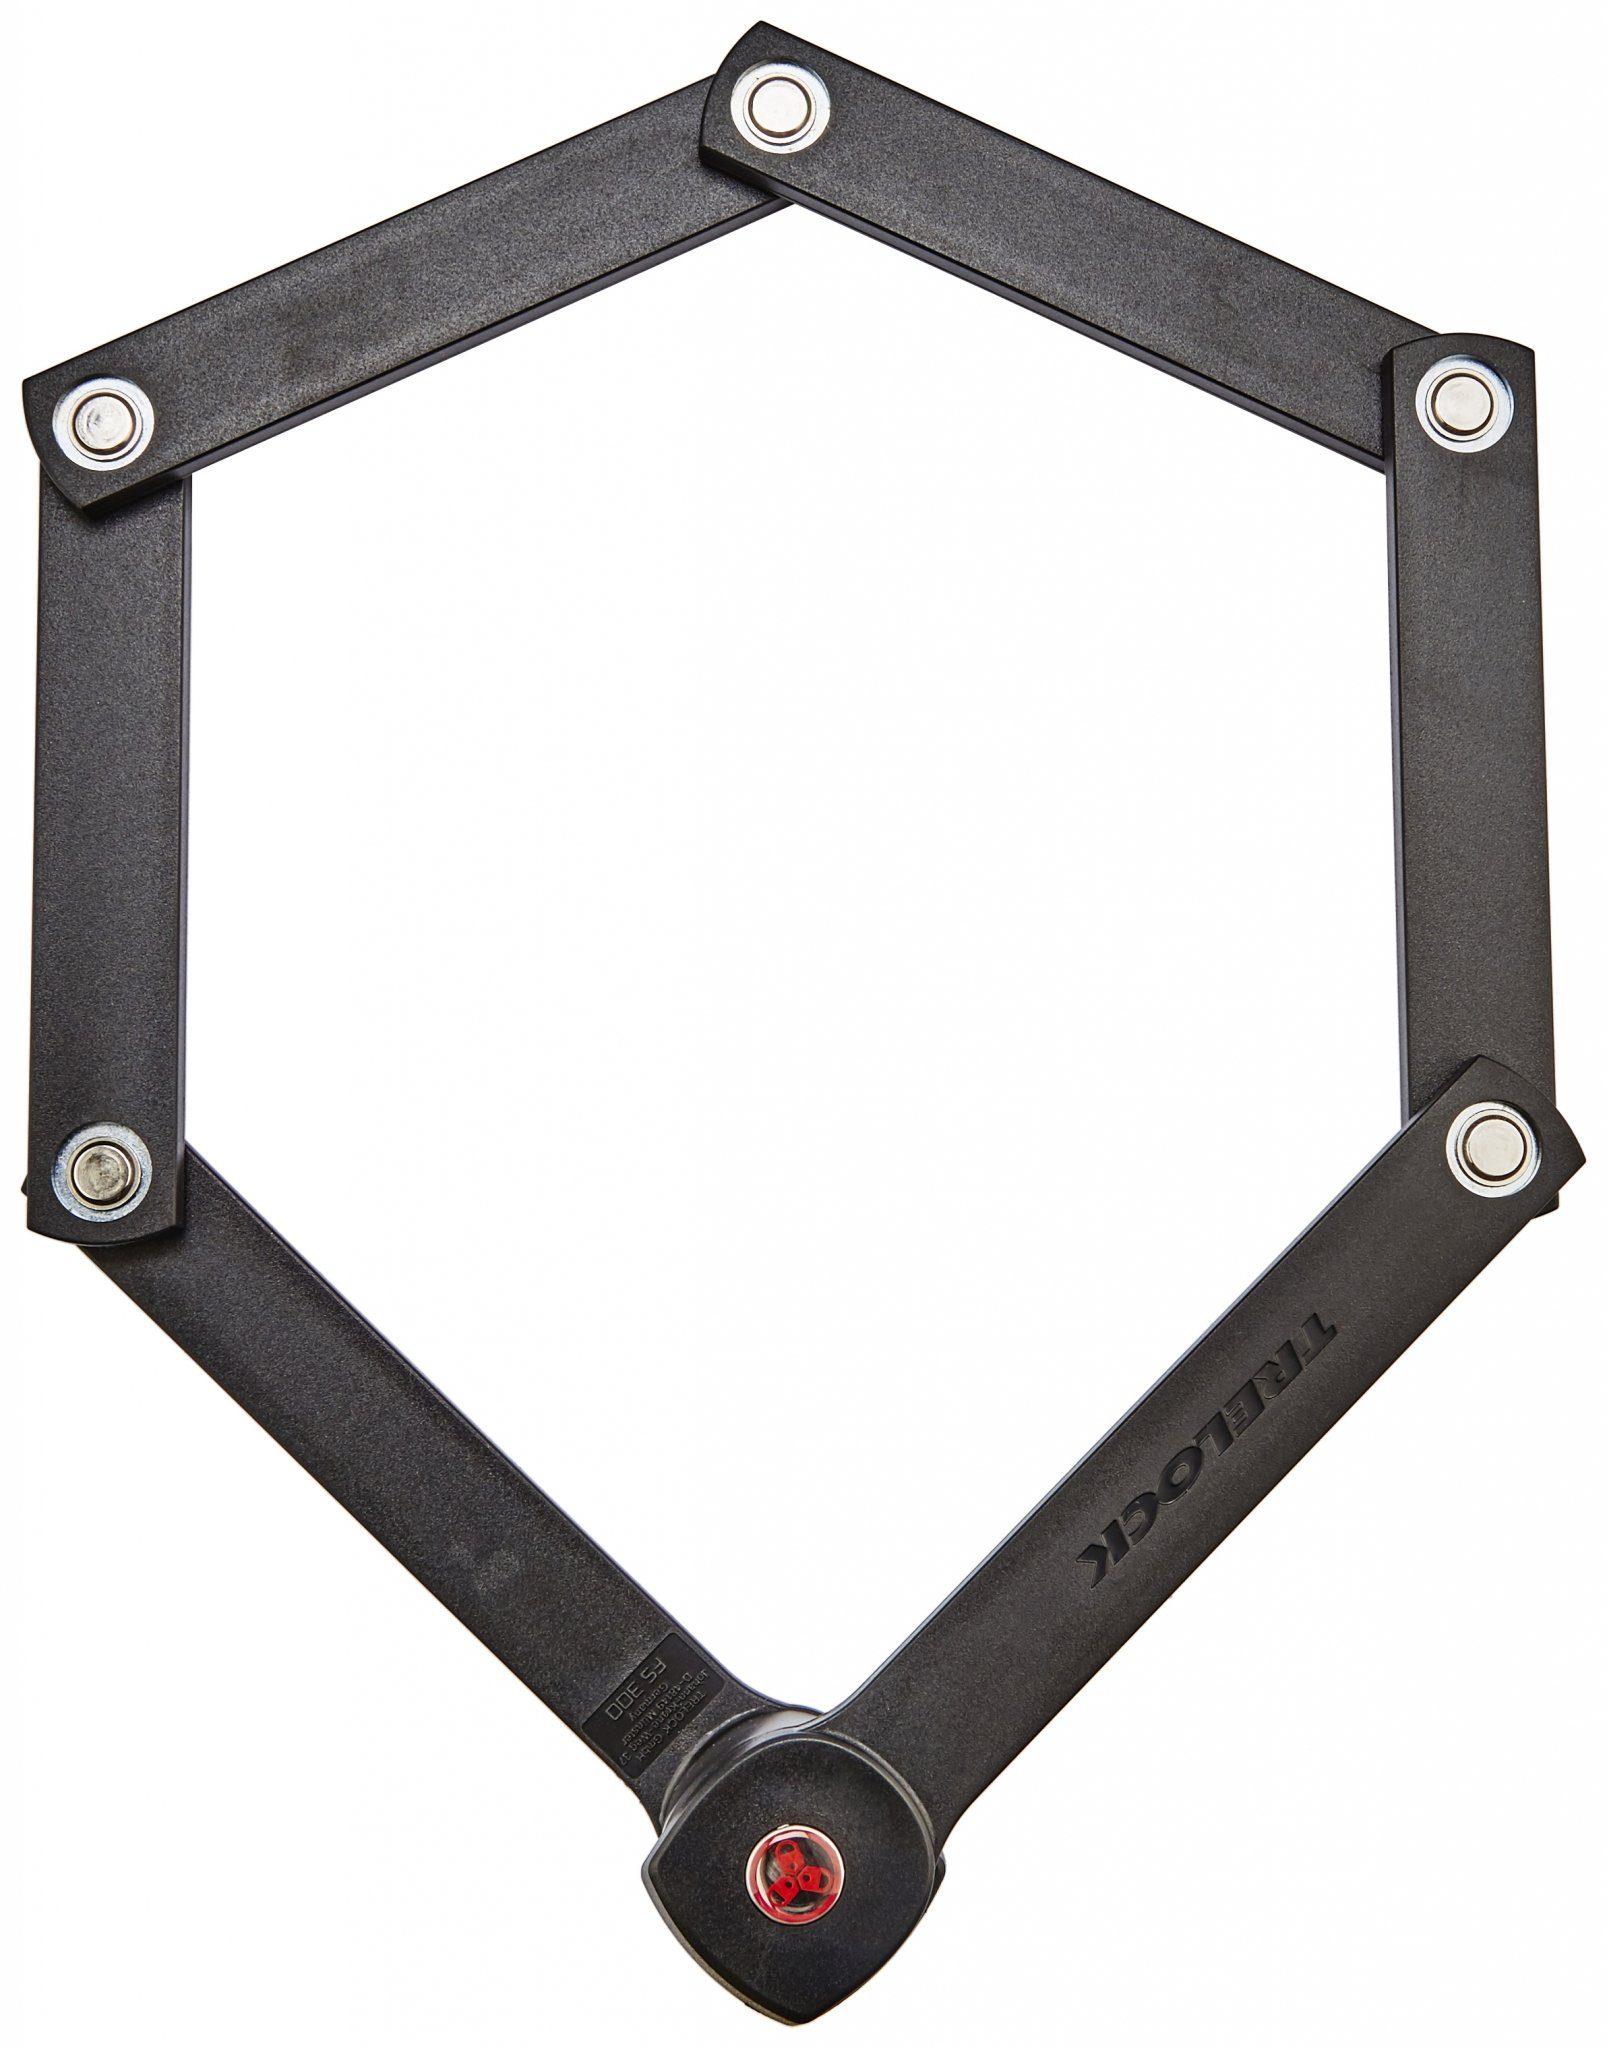 Trelock Faltschloss »FS 300 Manufaktur Faltschloss«